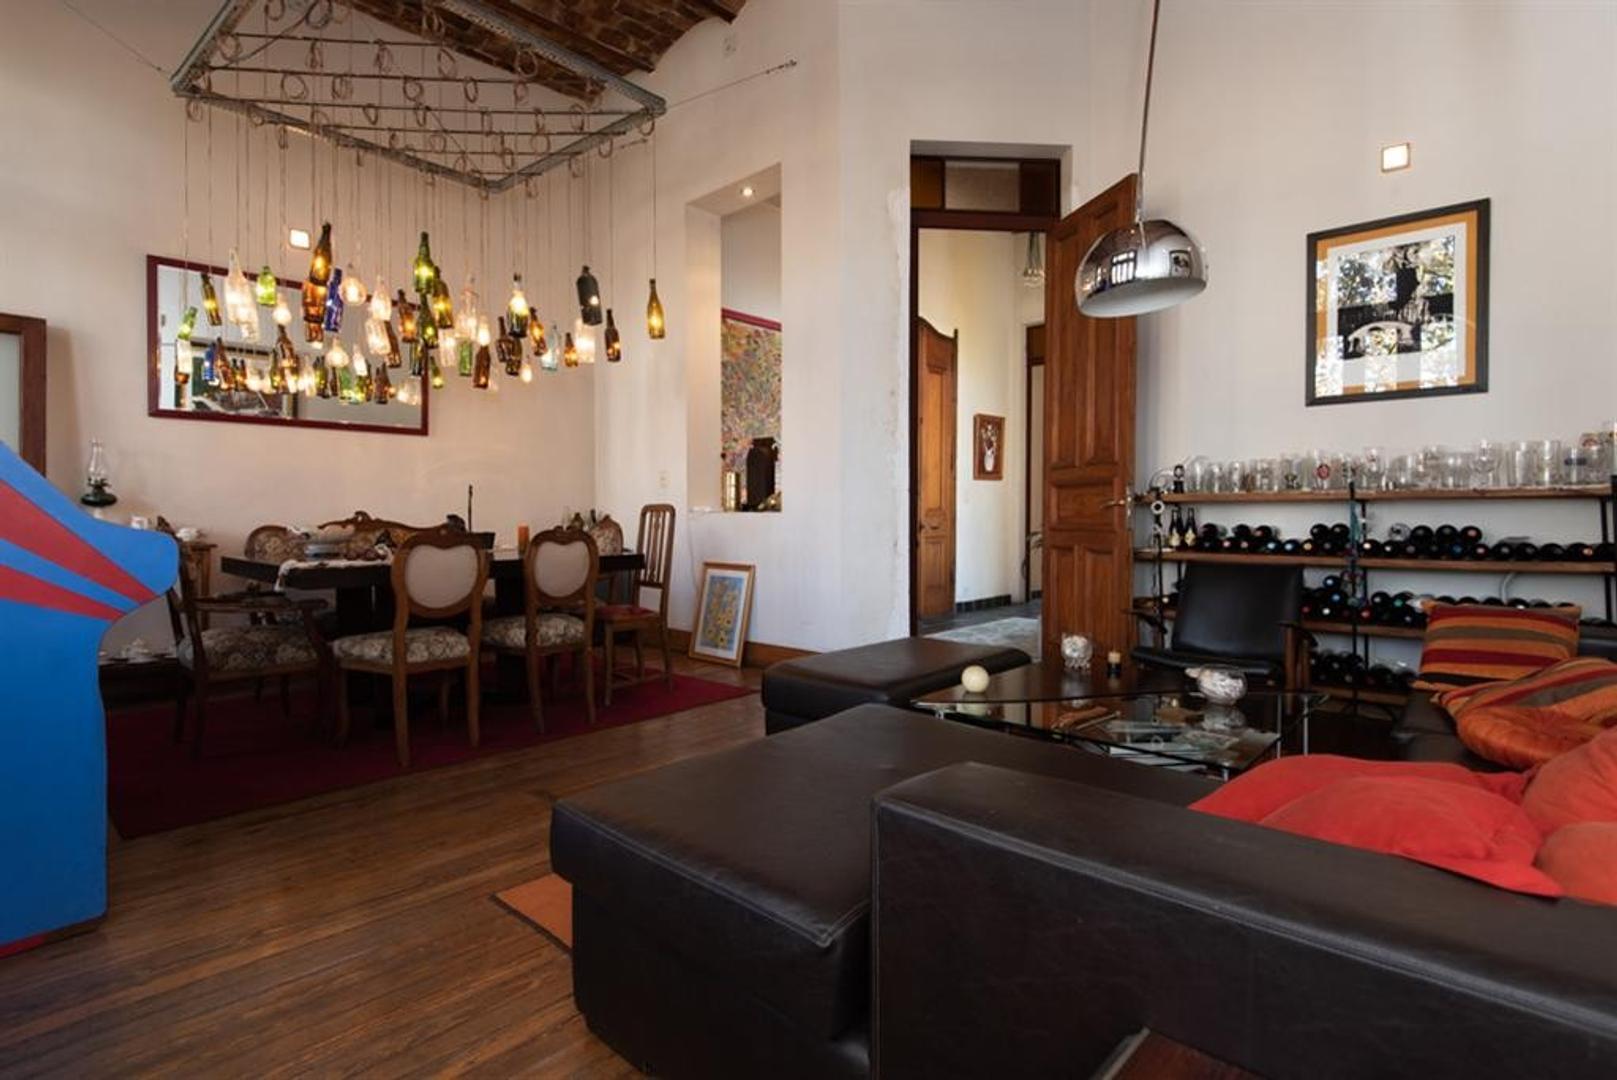 Departamento - 192 m² | 5 dormitorios | 80 años